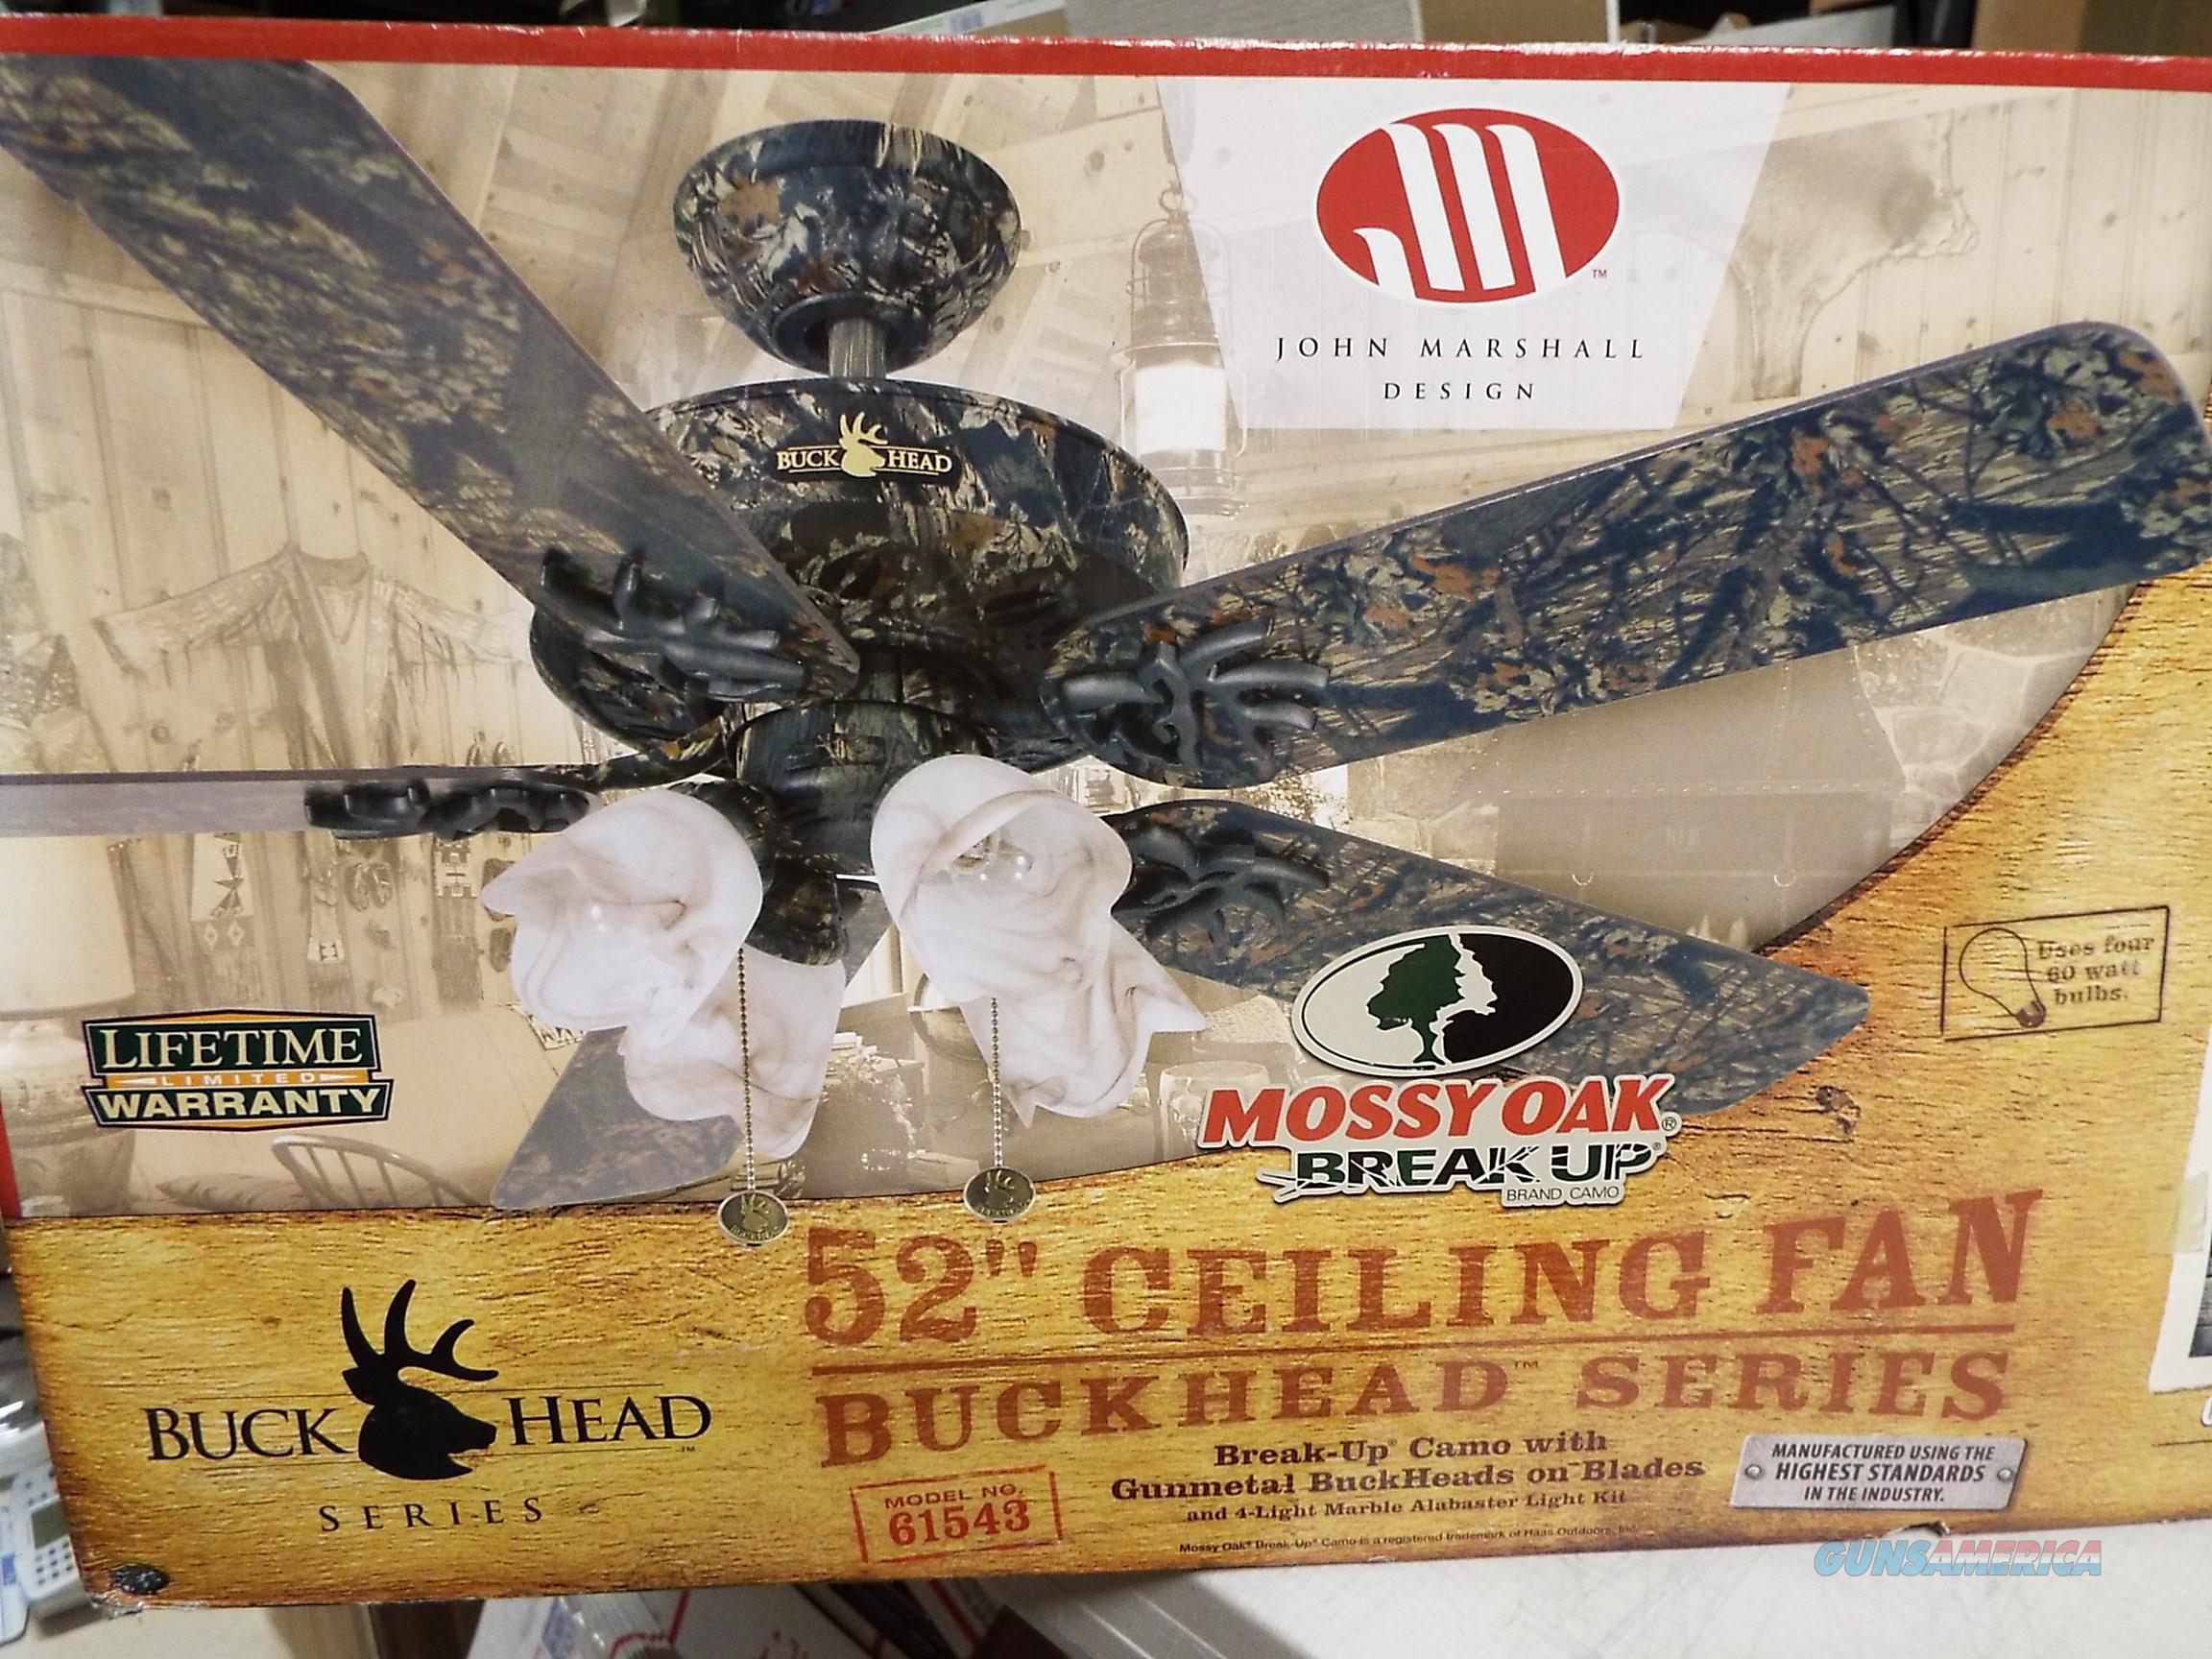 Mossy oak buckhead ceiling fan mobu camo w lig for sale 11202644g aloadofball Gallery